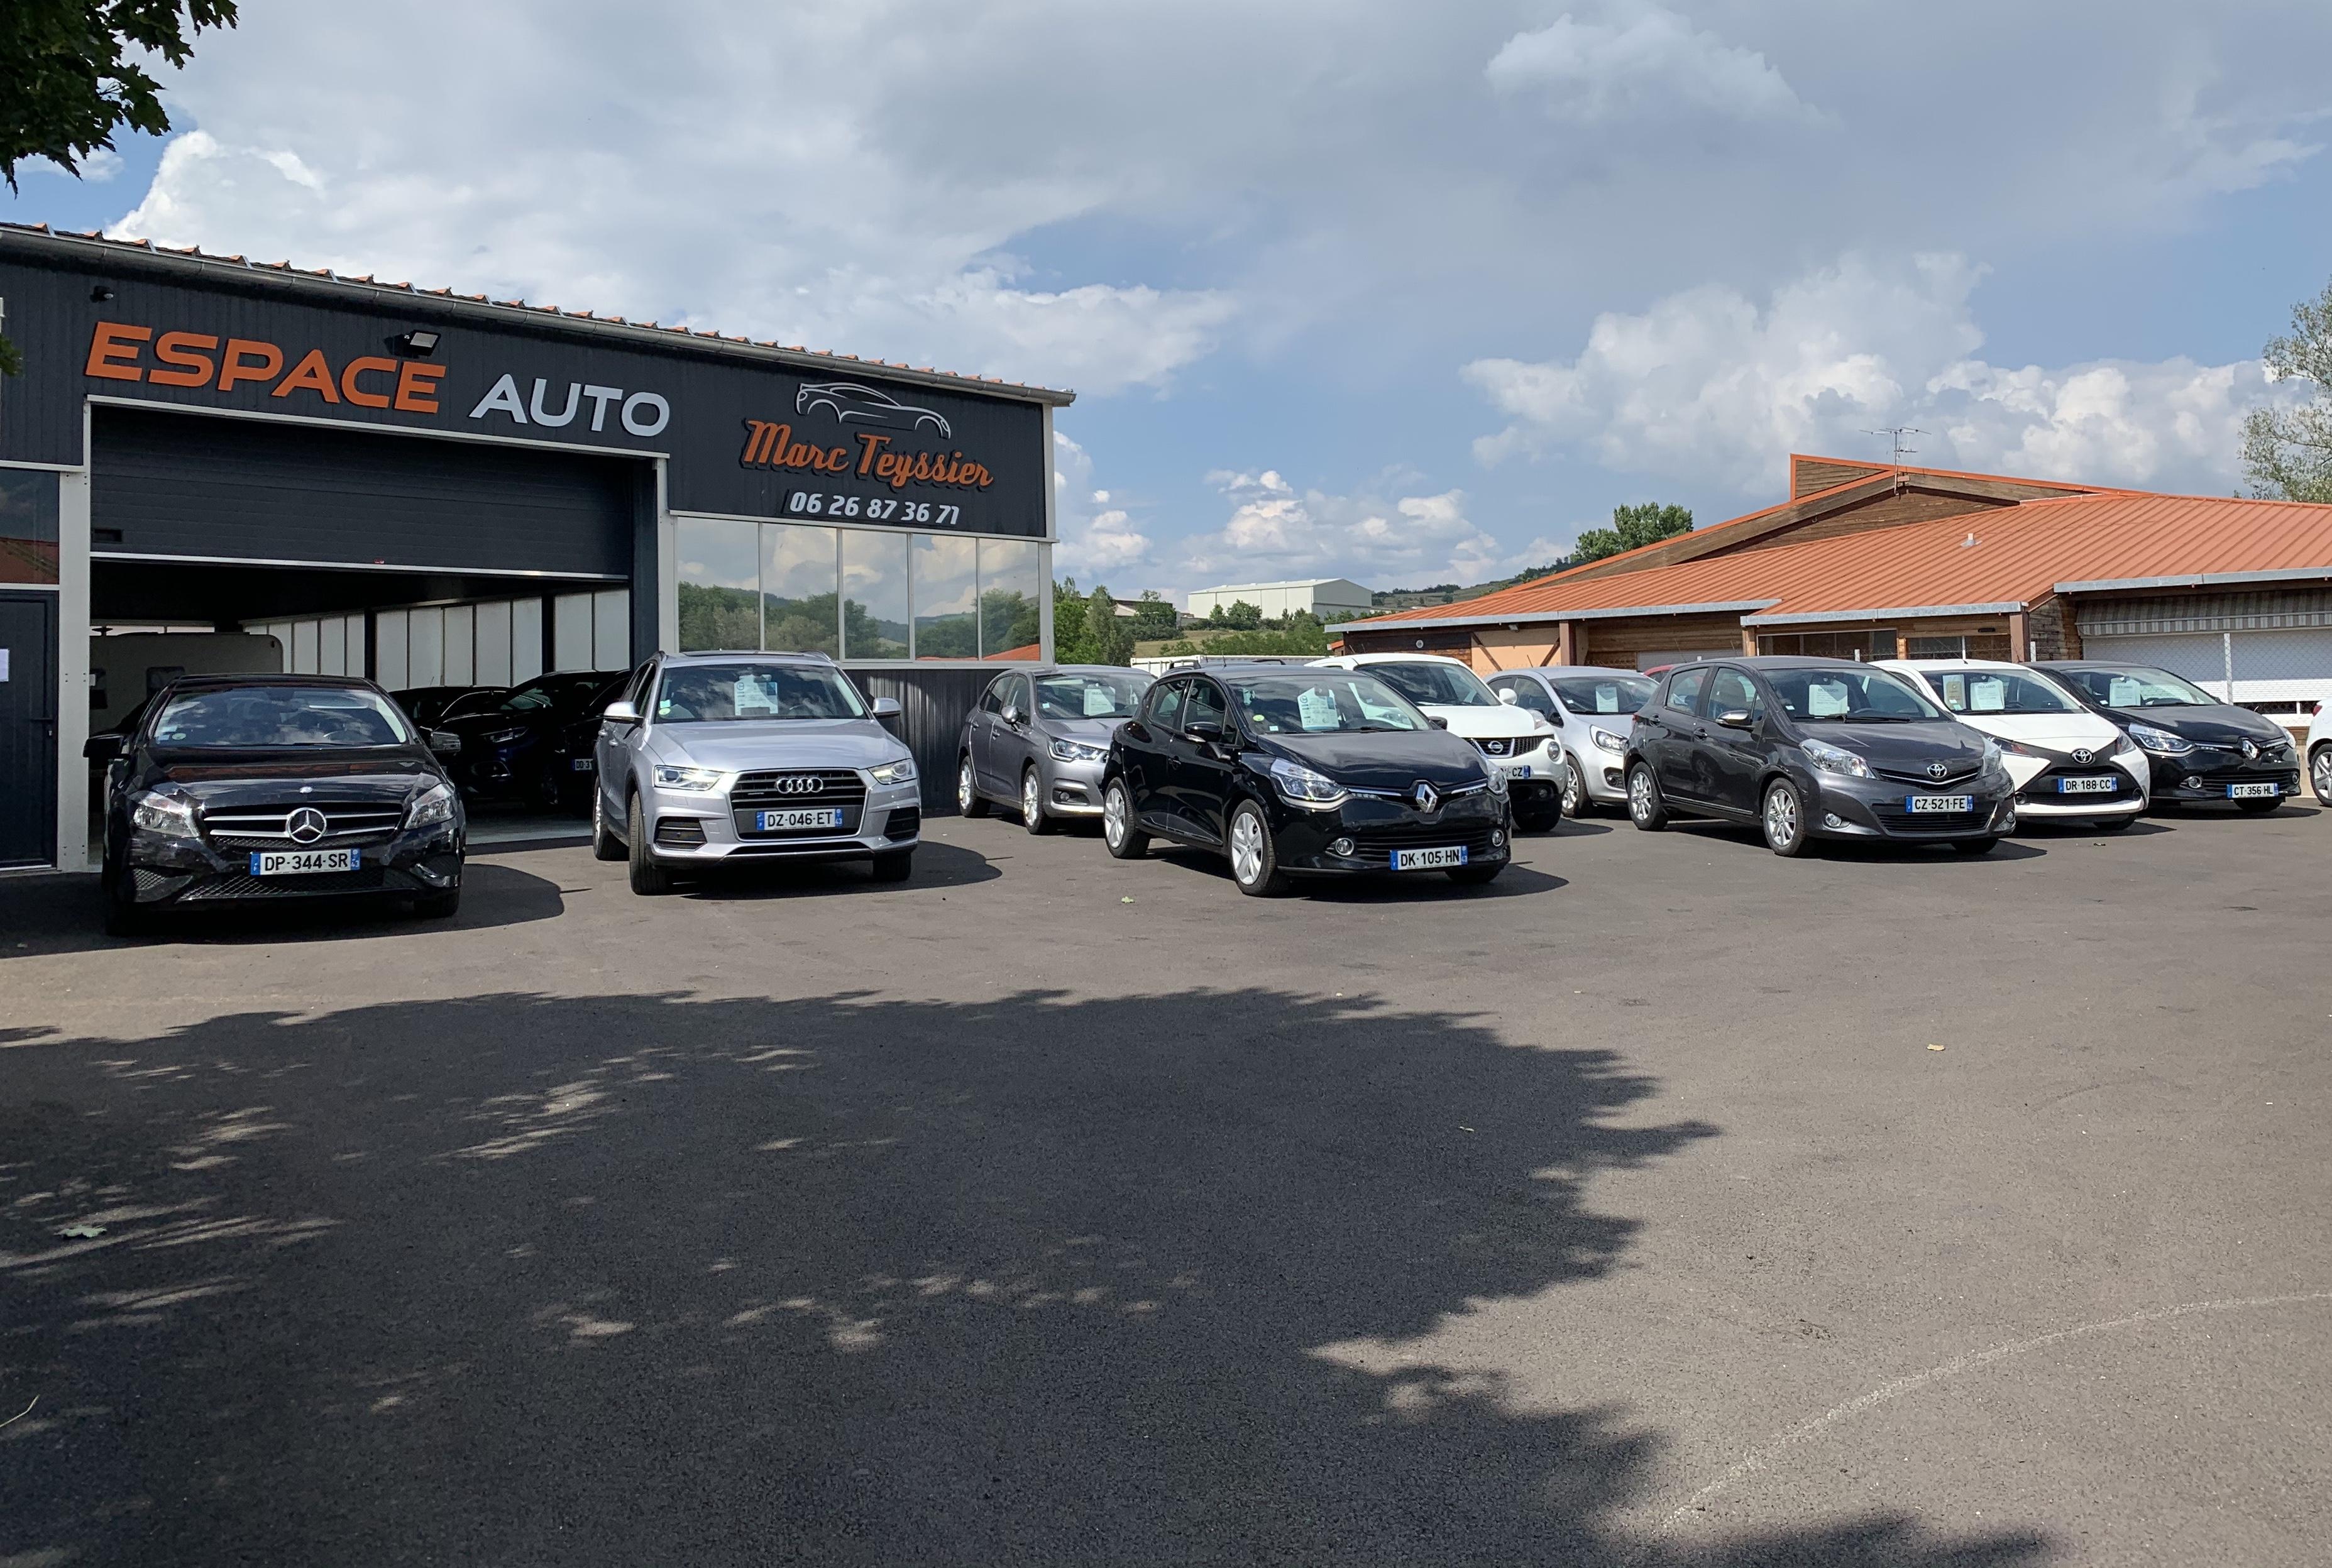 ESPACE AUTO GARAGE TEYSSIER - Vente de véhicules neufs et occasions récentes à Langeac (43)